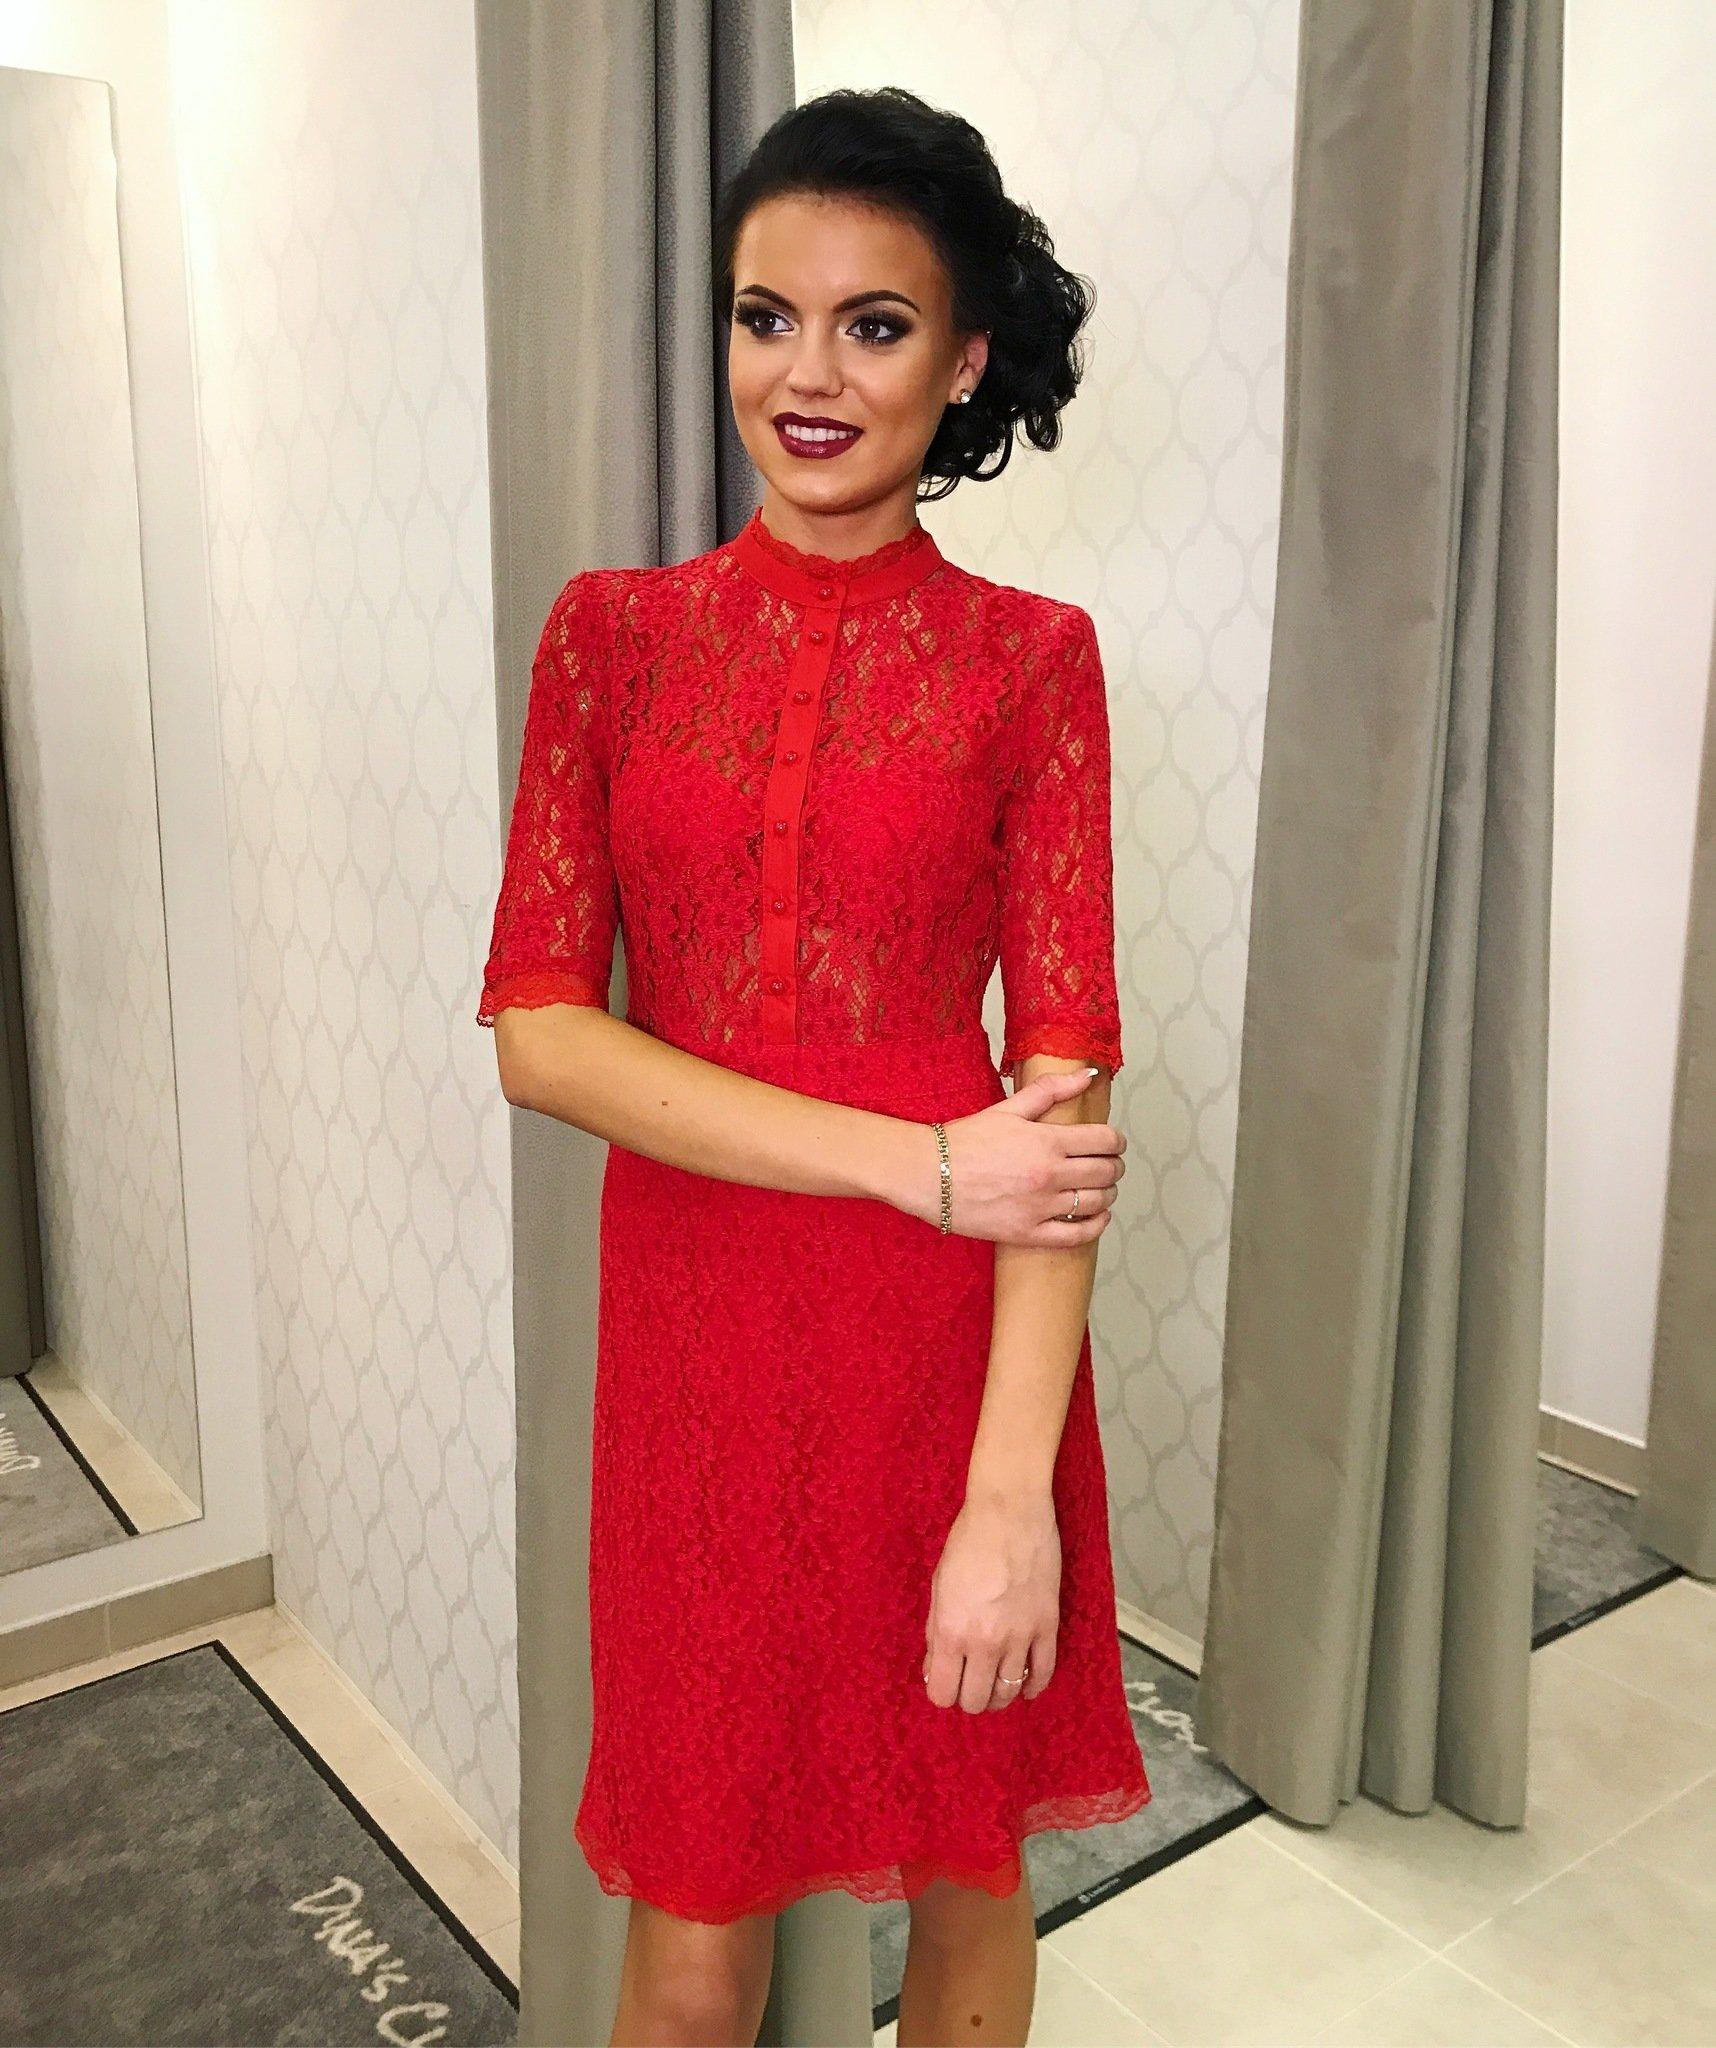 c547af7af7f Dina's Closet: Punane vabalt langev pits kleit